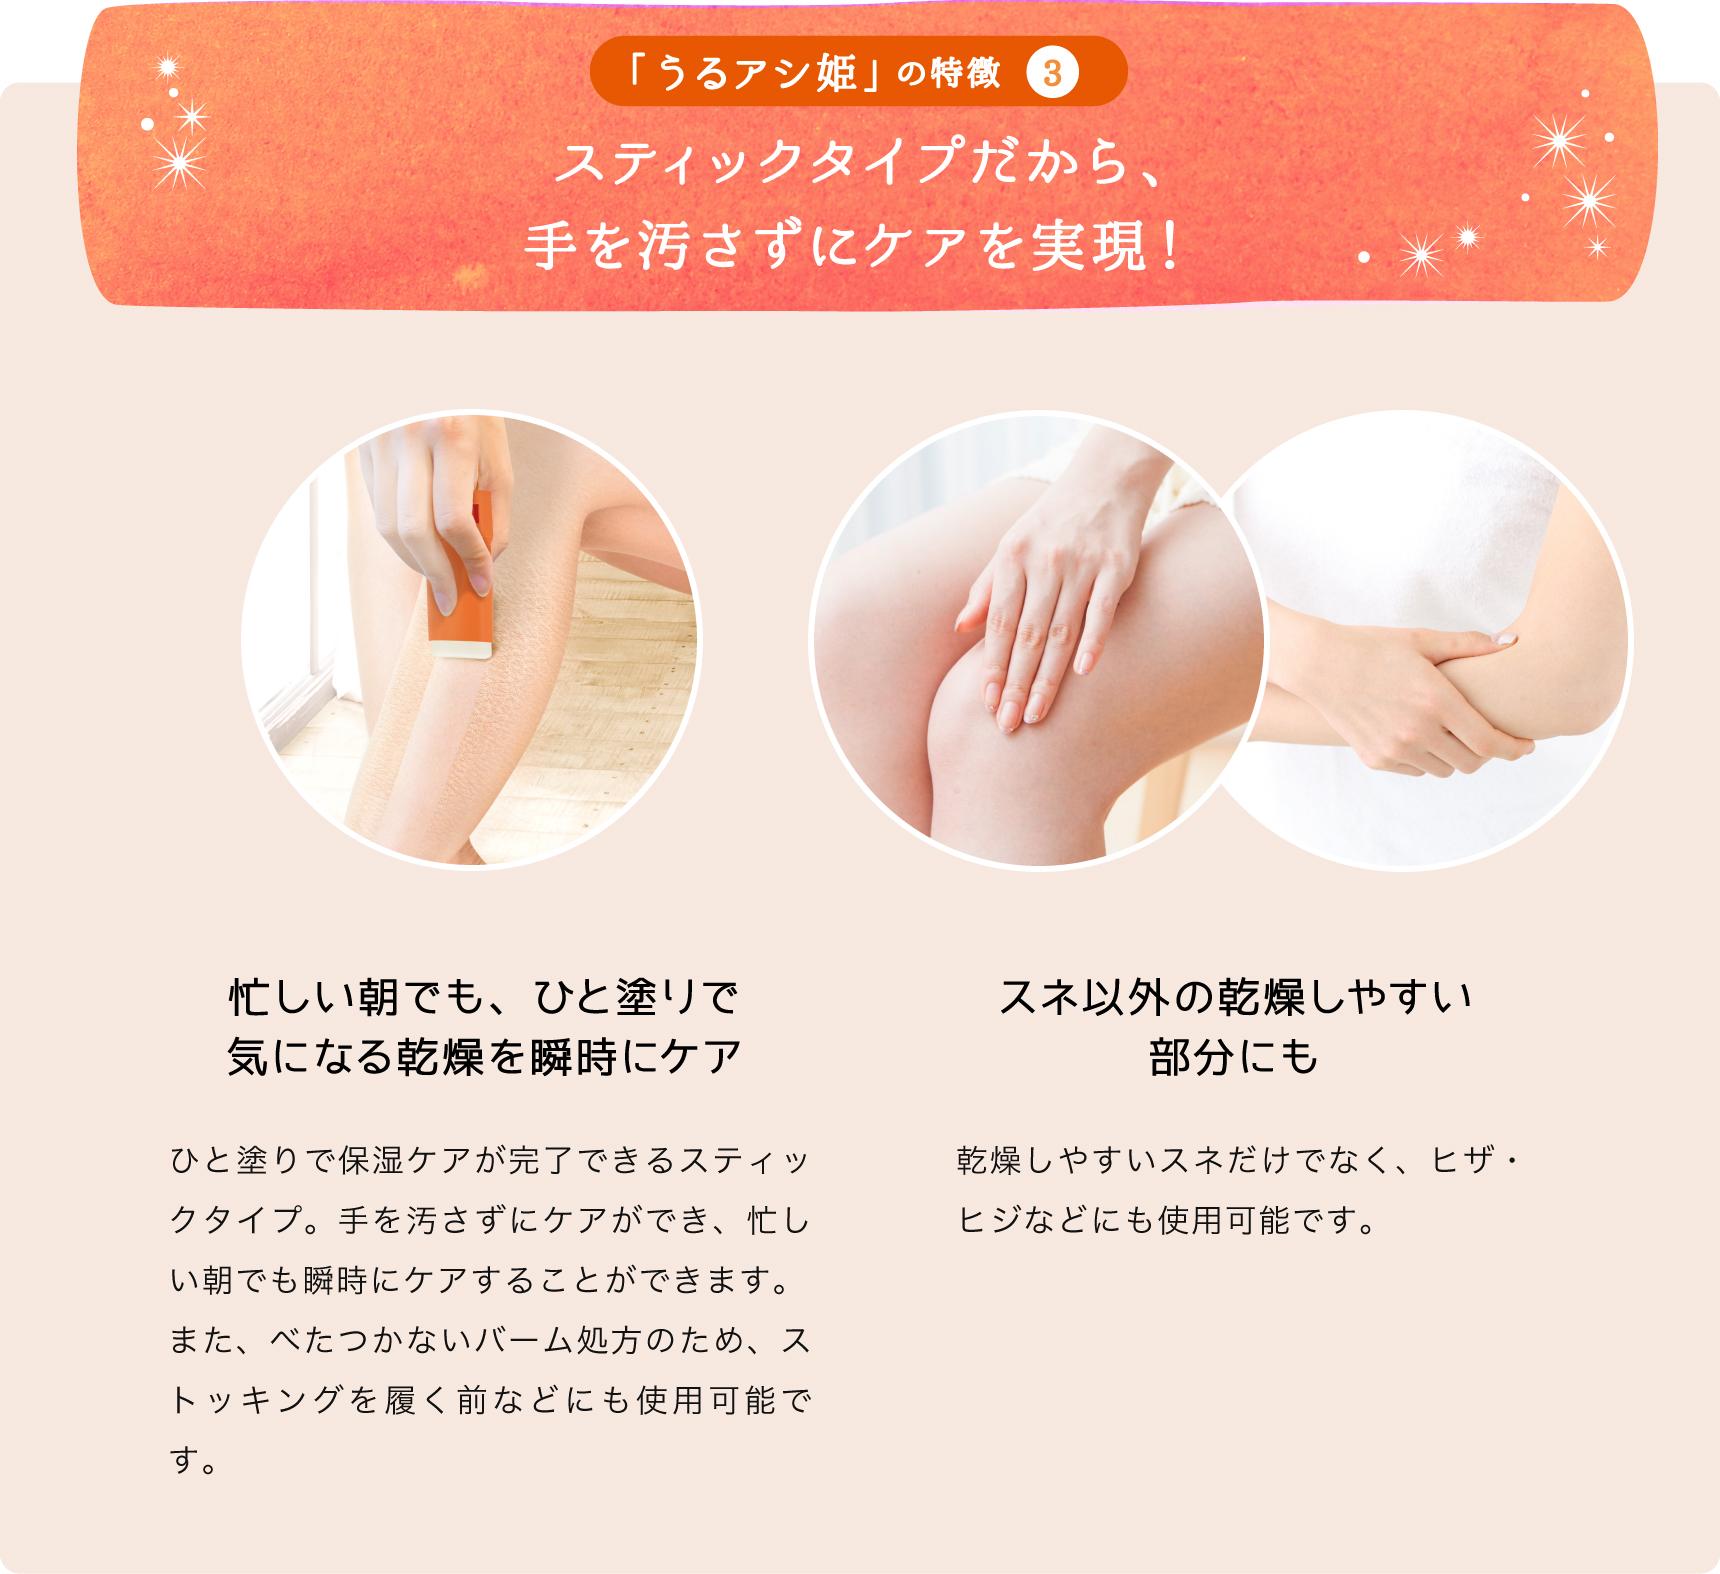 「うるアシ姫」の特徴3 スティックタイプだから、手を汚さずにケアを実現! 忙しい朝でも、ひと塗りで気になる乾燥を瞬時にケア ひと塗りで保湿ケアが完了できるスティックタイプ。手を汚さずにケアができ、忙しい朝でも瞬時にケアすることができます。 また、べたつかないバーム処方のため、ストッキングを履く前などにも使用可能です。 スネ以外の乾燥しやすい部分にも 乾燥しやすいスネだけでなく、ヒザ・ヒジなどにも使用可能です。